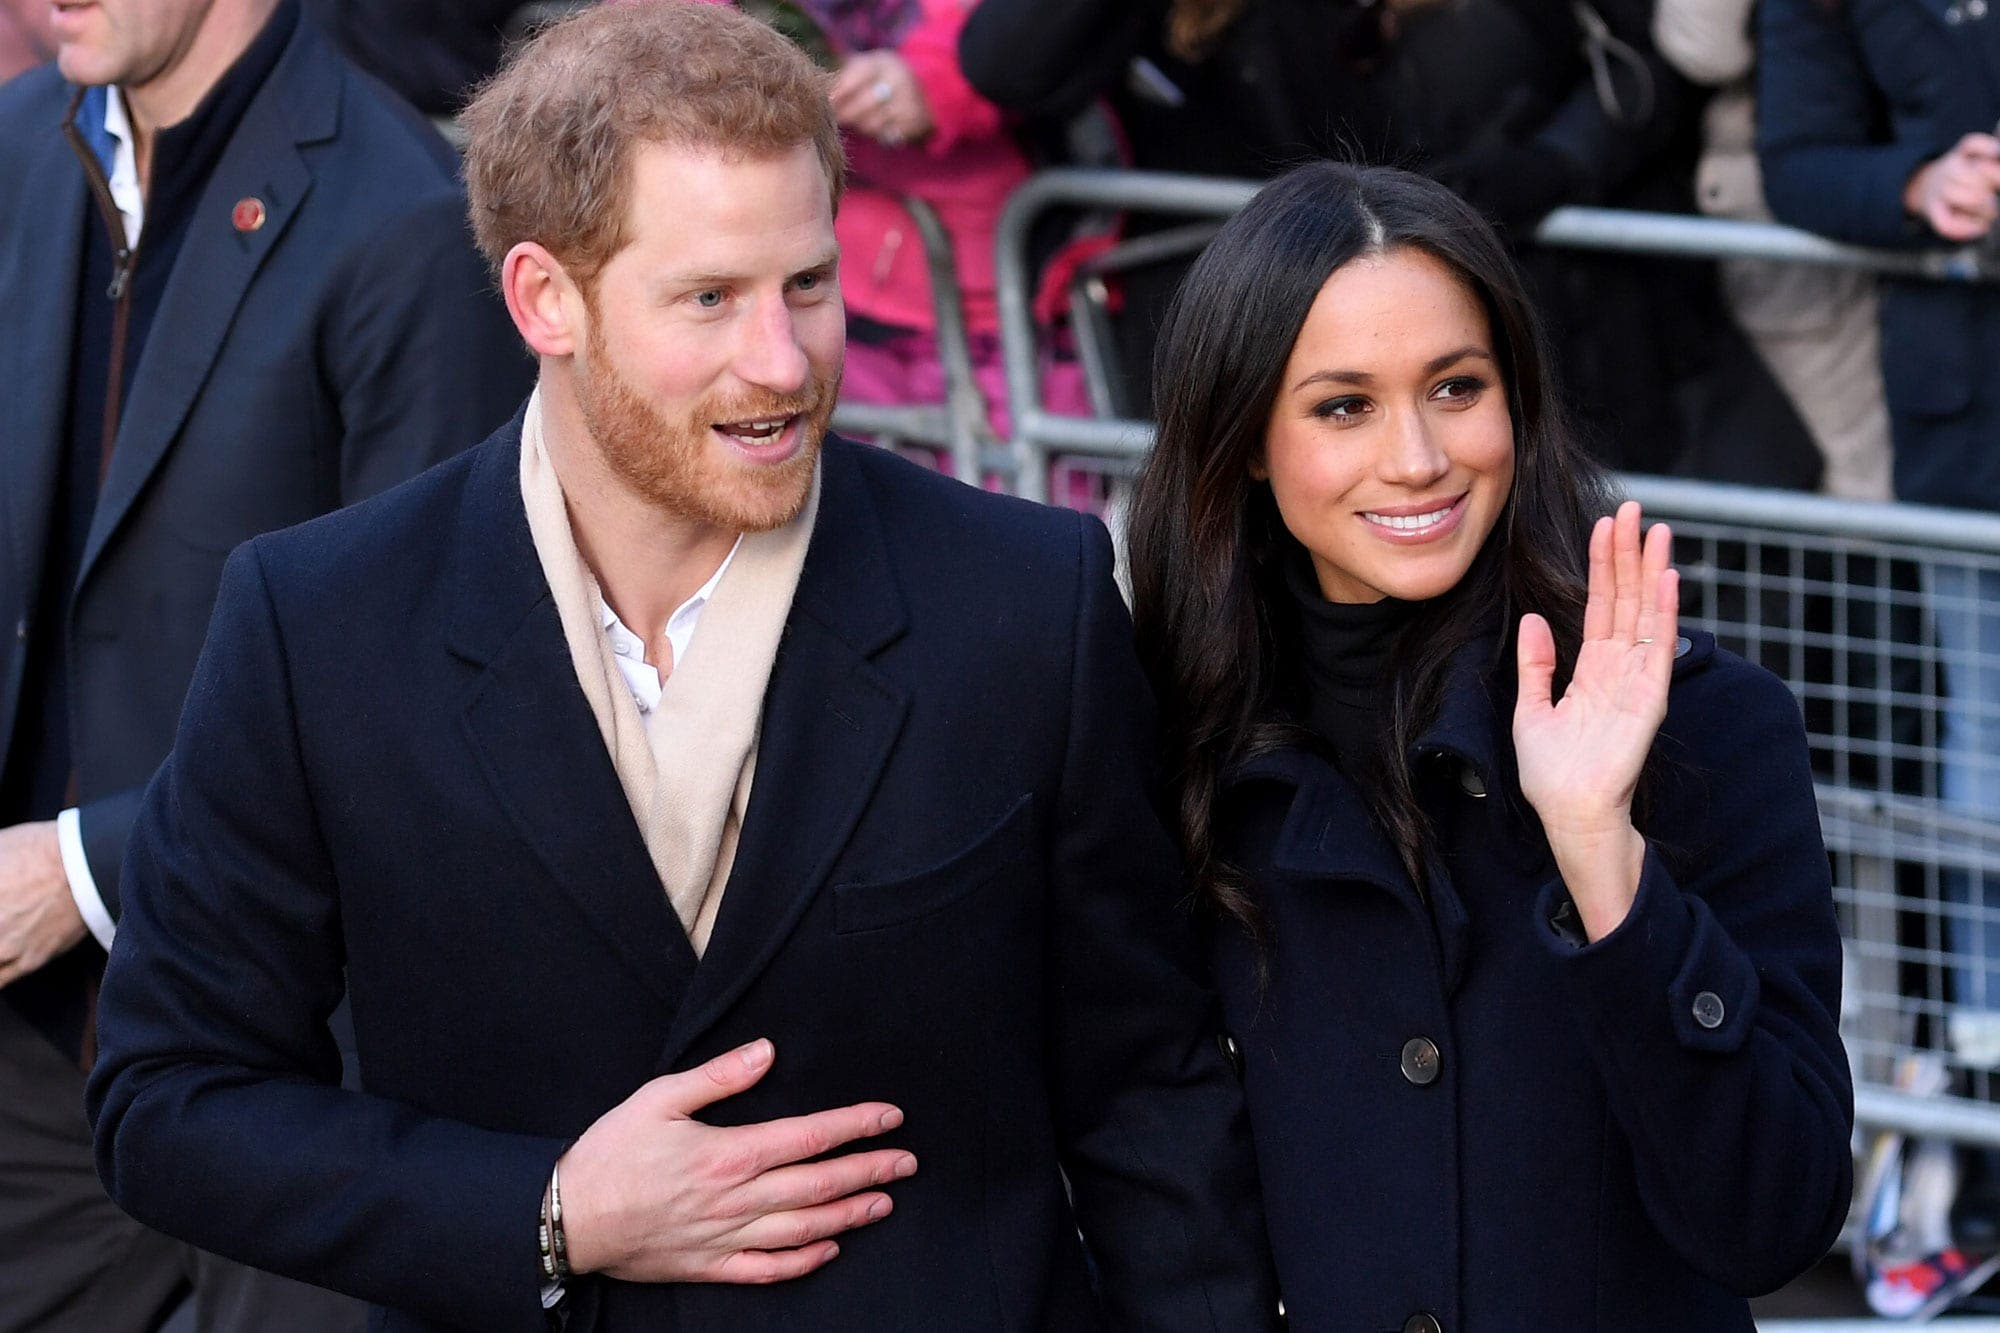 Le duc et la duchesse de Sussex dépensent de trop